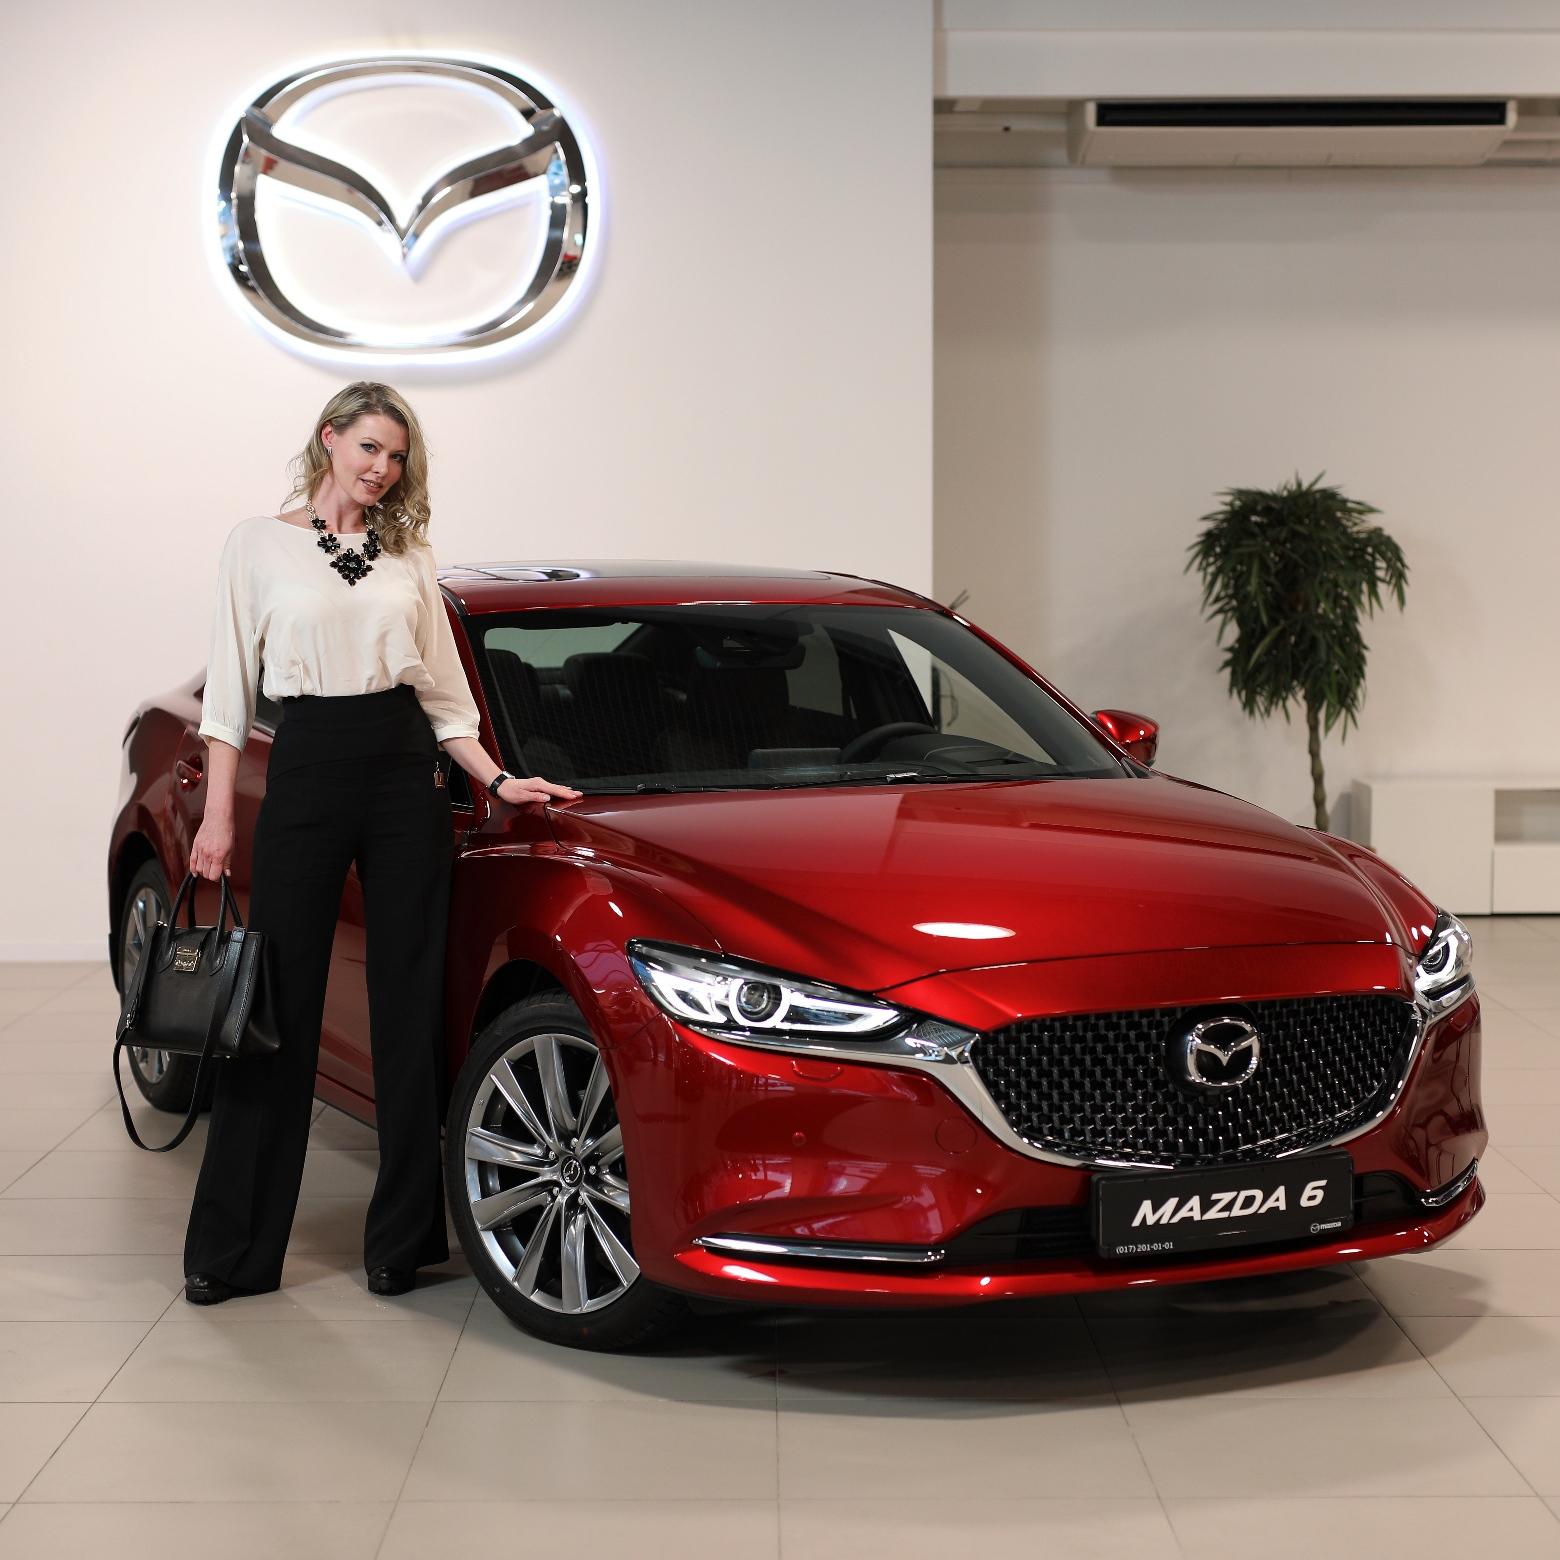 Mazda6 презентация Елена